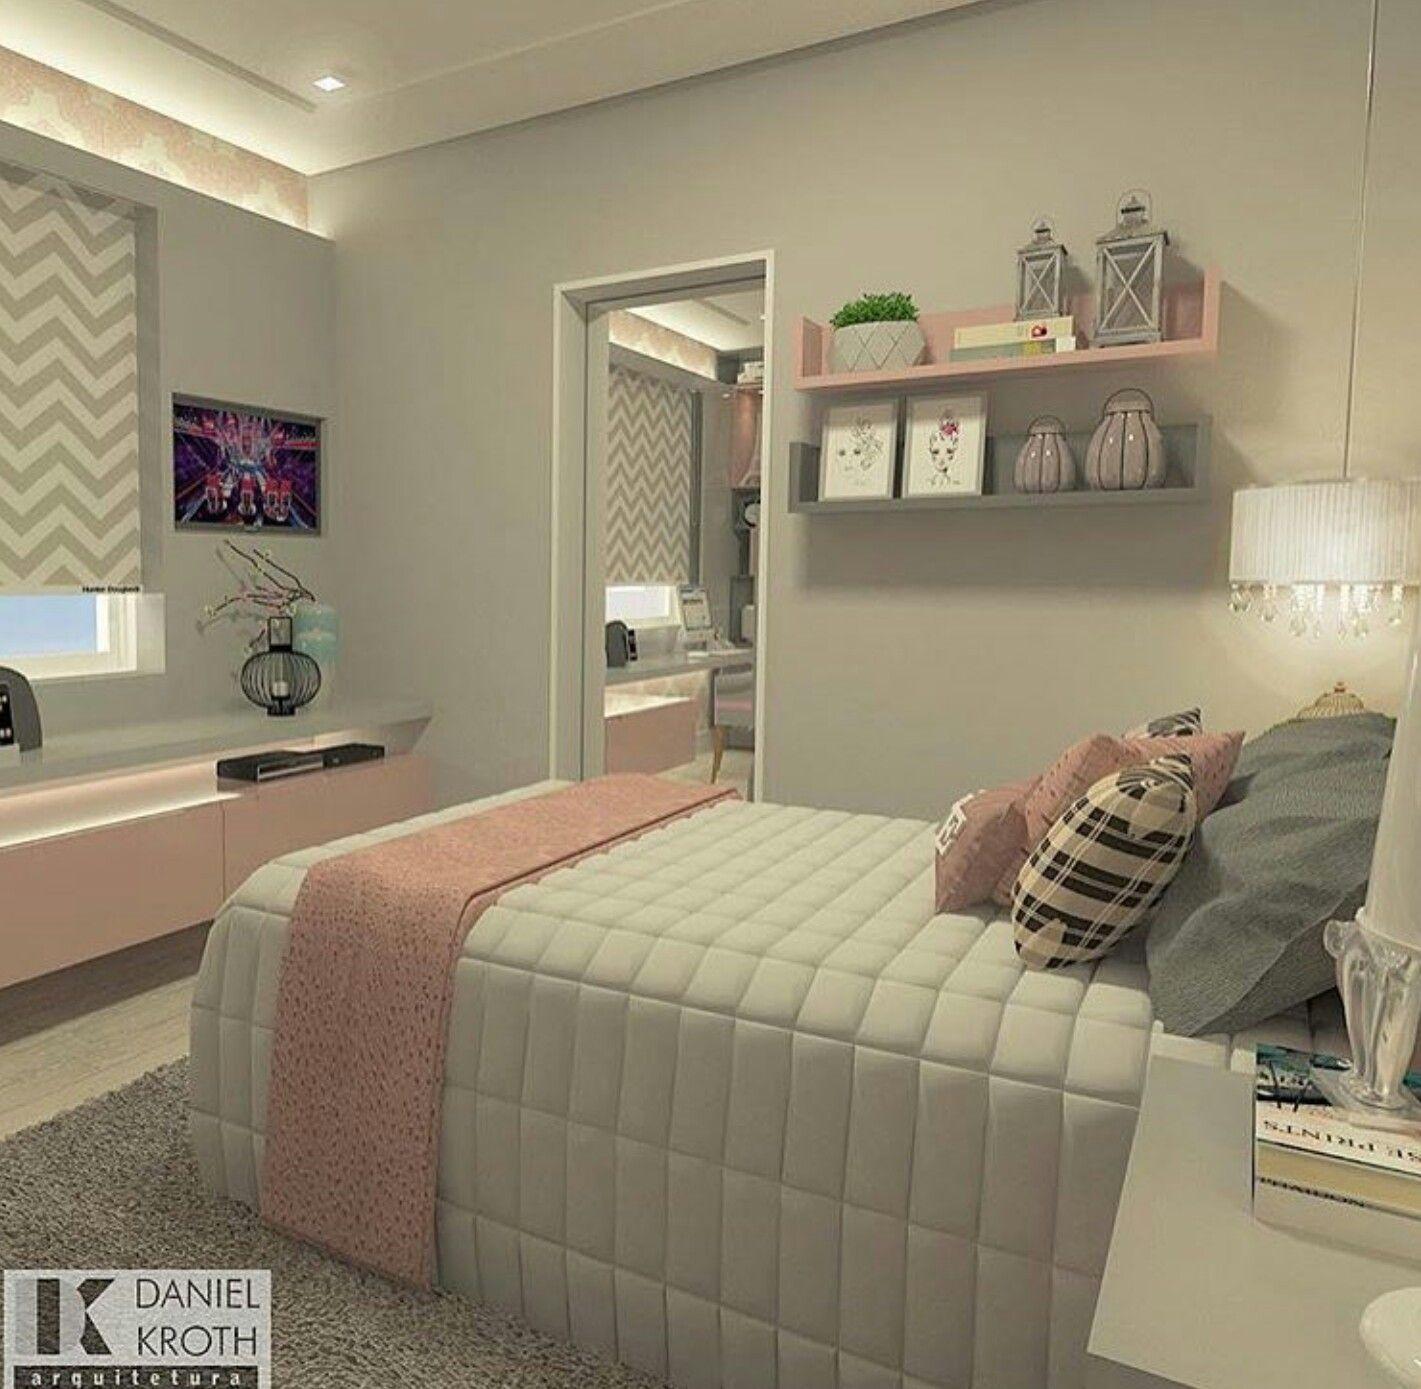 youtube schlafzimmer neu gestalten bettw sche braun beige kleines schlafzimmer farblich. Black Bedroom Furniture Sets. Home Design Ideas